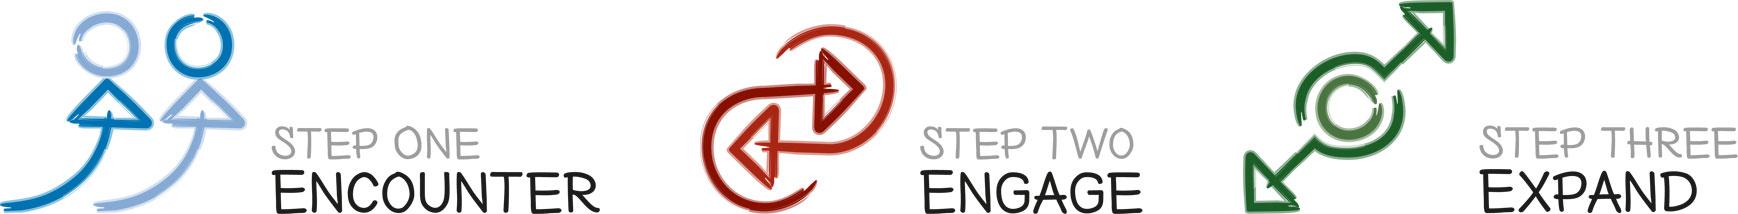 three steps logos